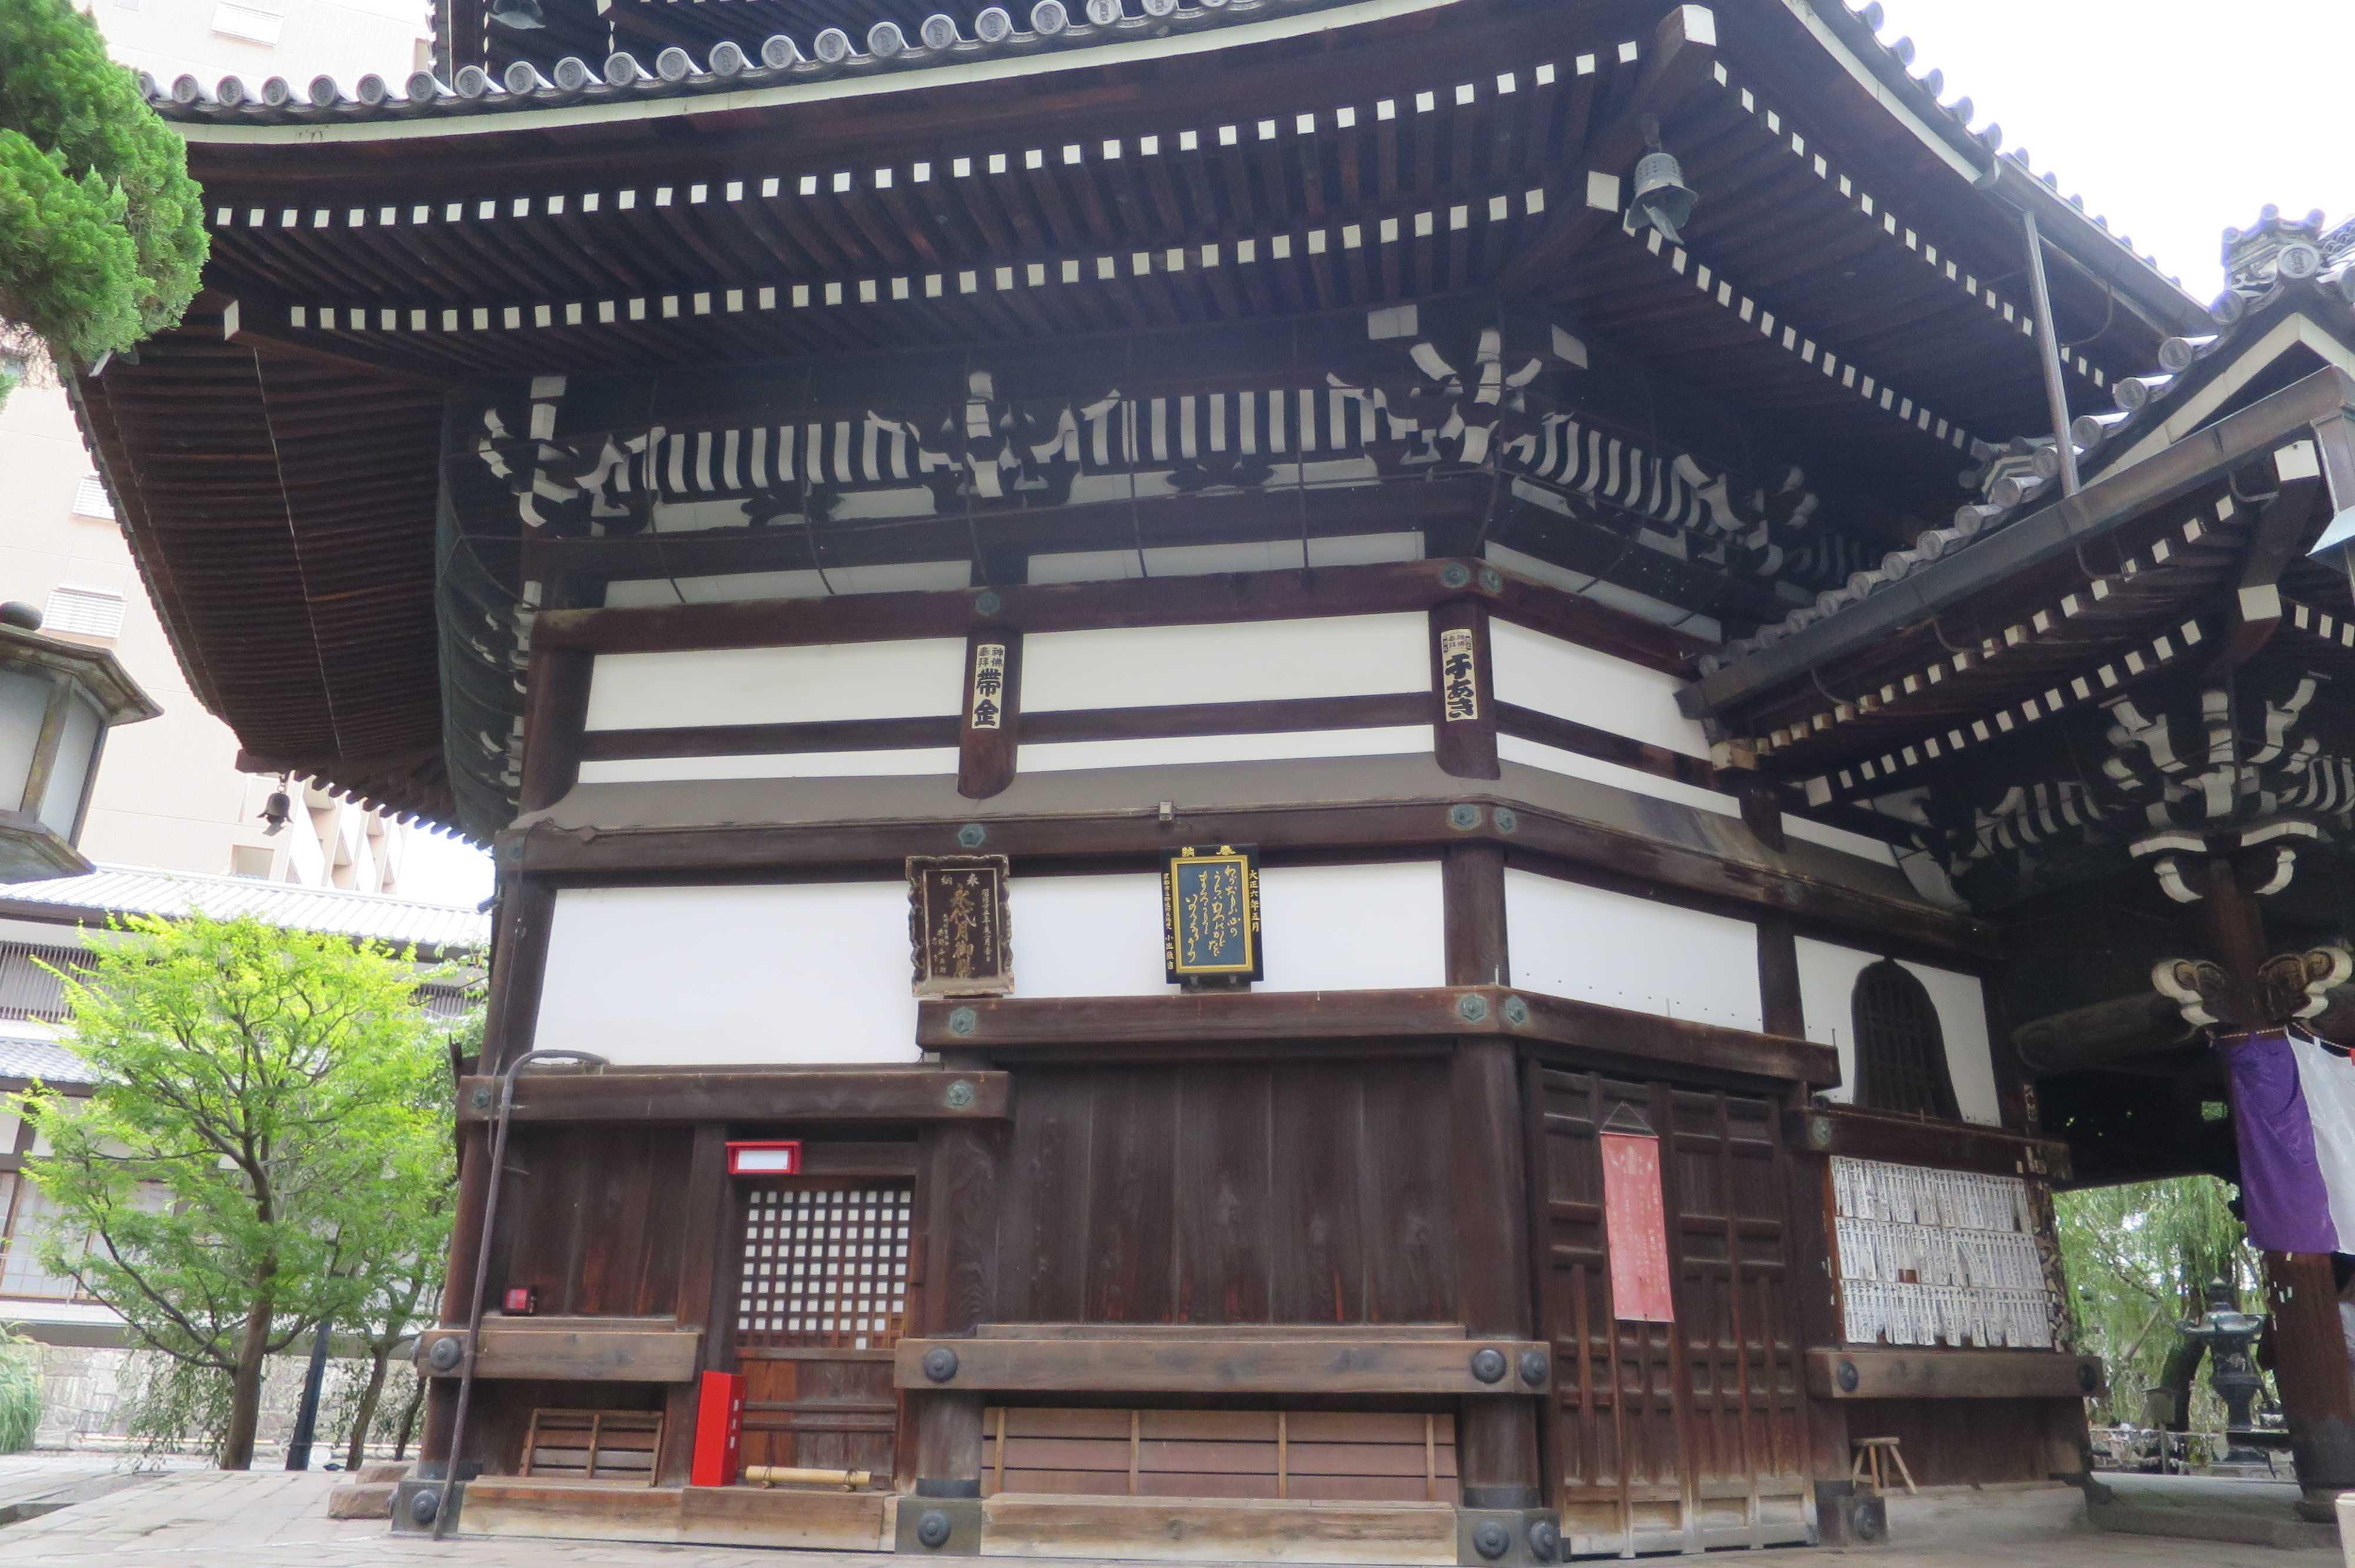 横から見た六角堂の本堂(京都市)